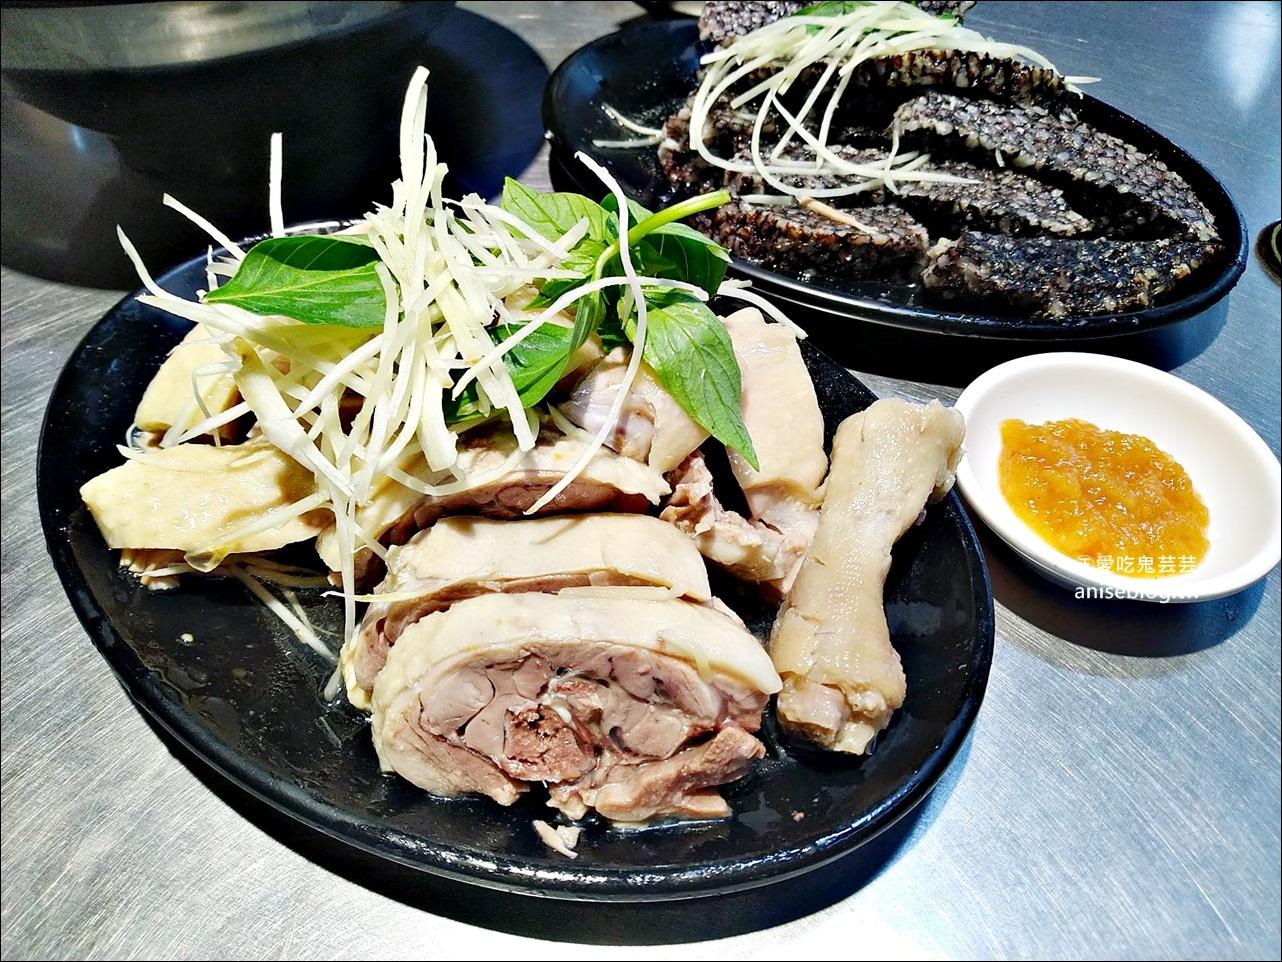 後驛鵝肉店(原阿霞鵝肉),台北後火車站小吃老店、華陰街商圈美食(姊姊食記)